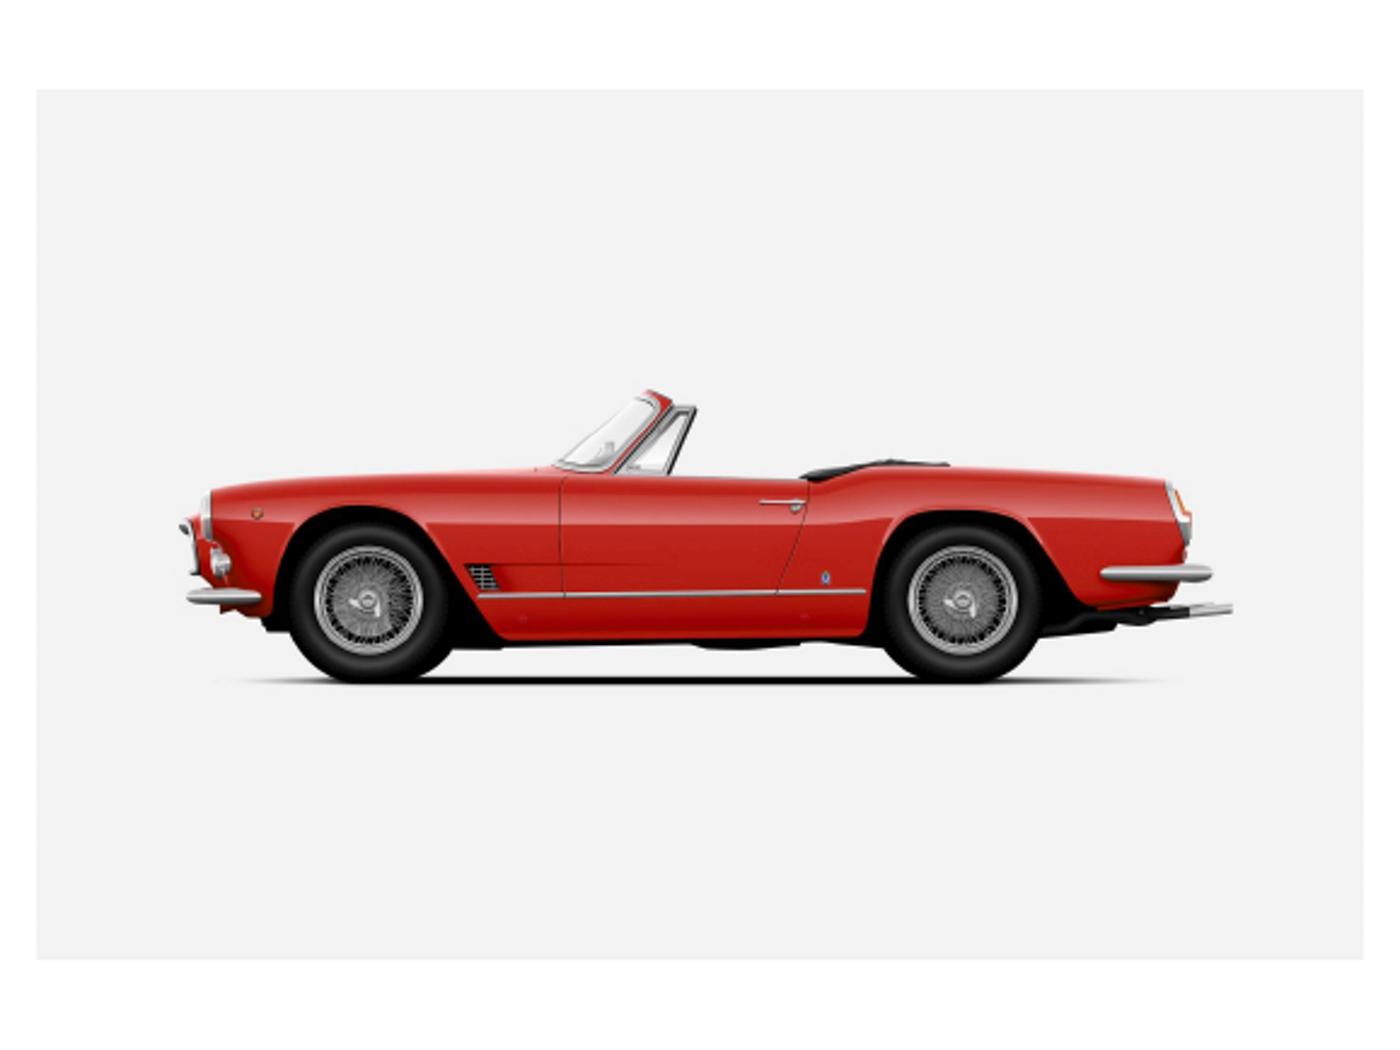 1960 3500 GT Vignale Spyder - Historische Maserati-Autos